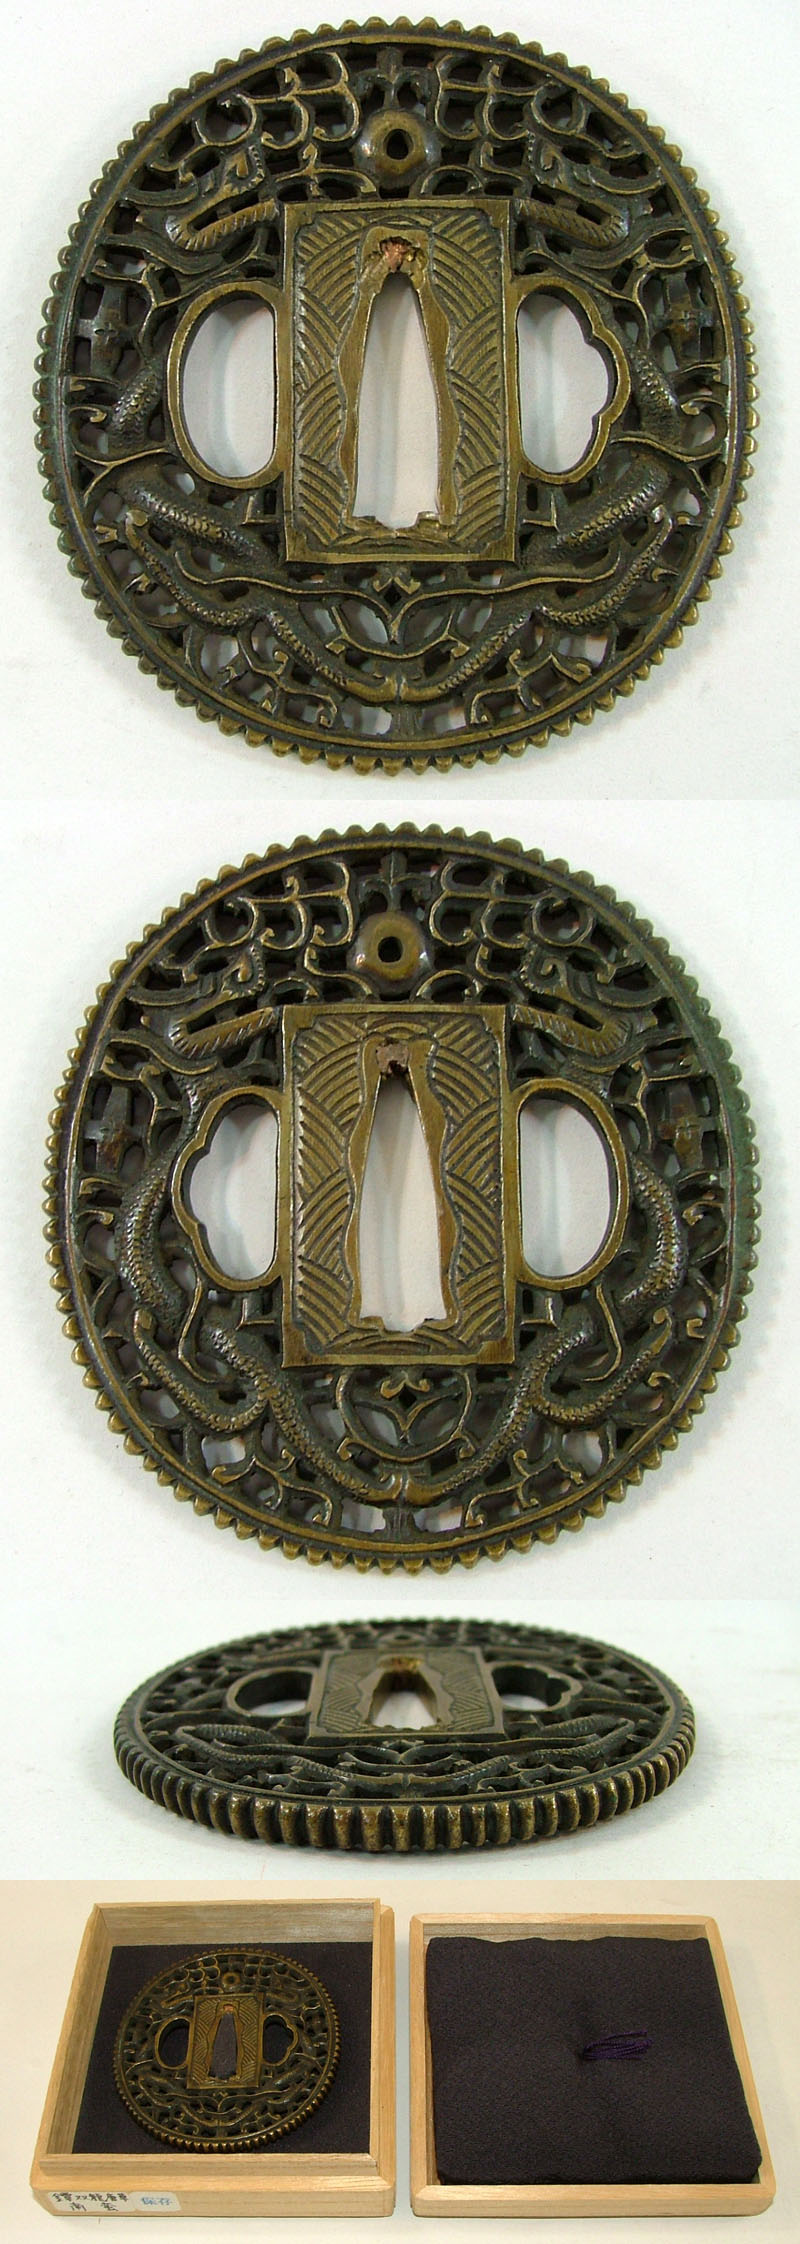 玉追双龍透鍔 無銘 南蛮 (双十字 キリシタン鍔) Picture of parts